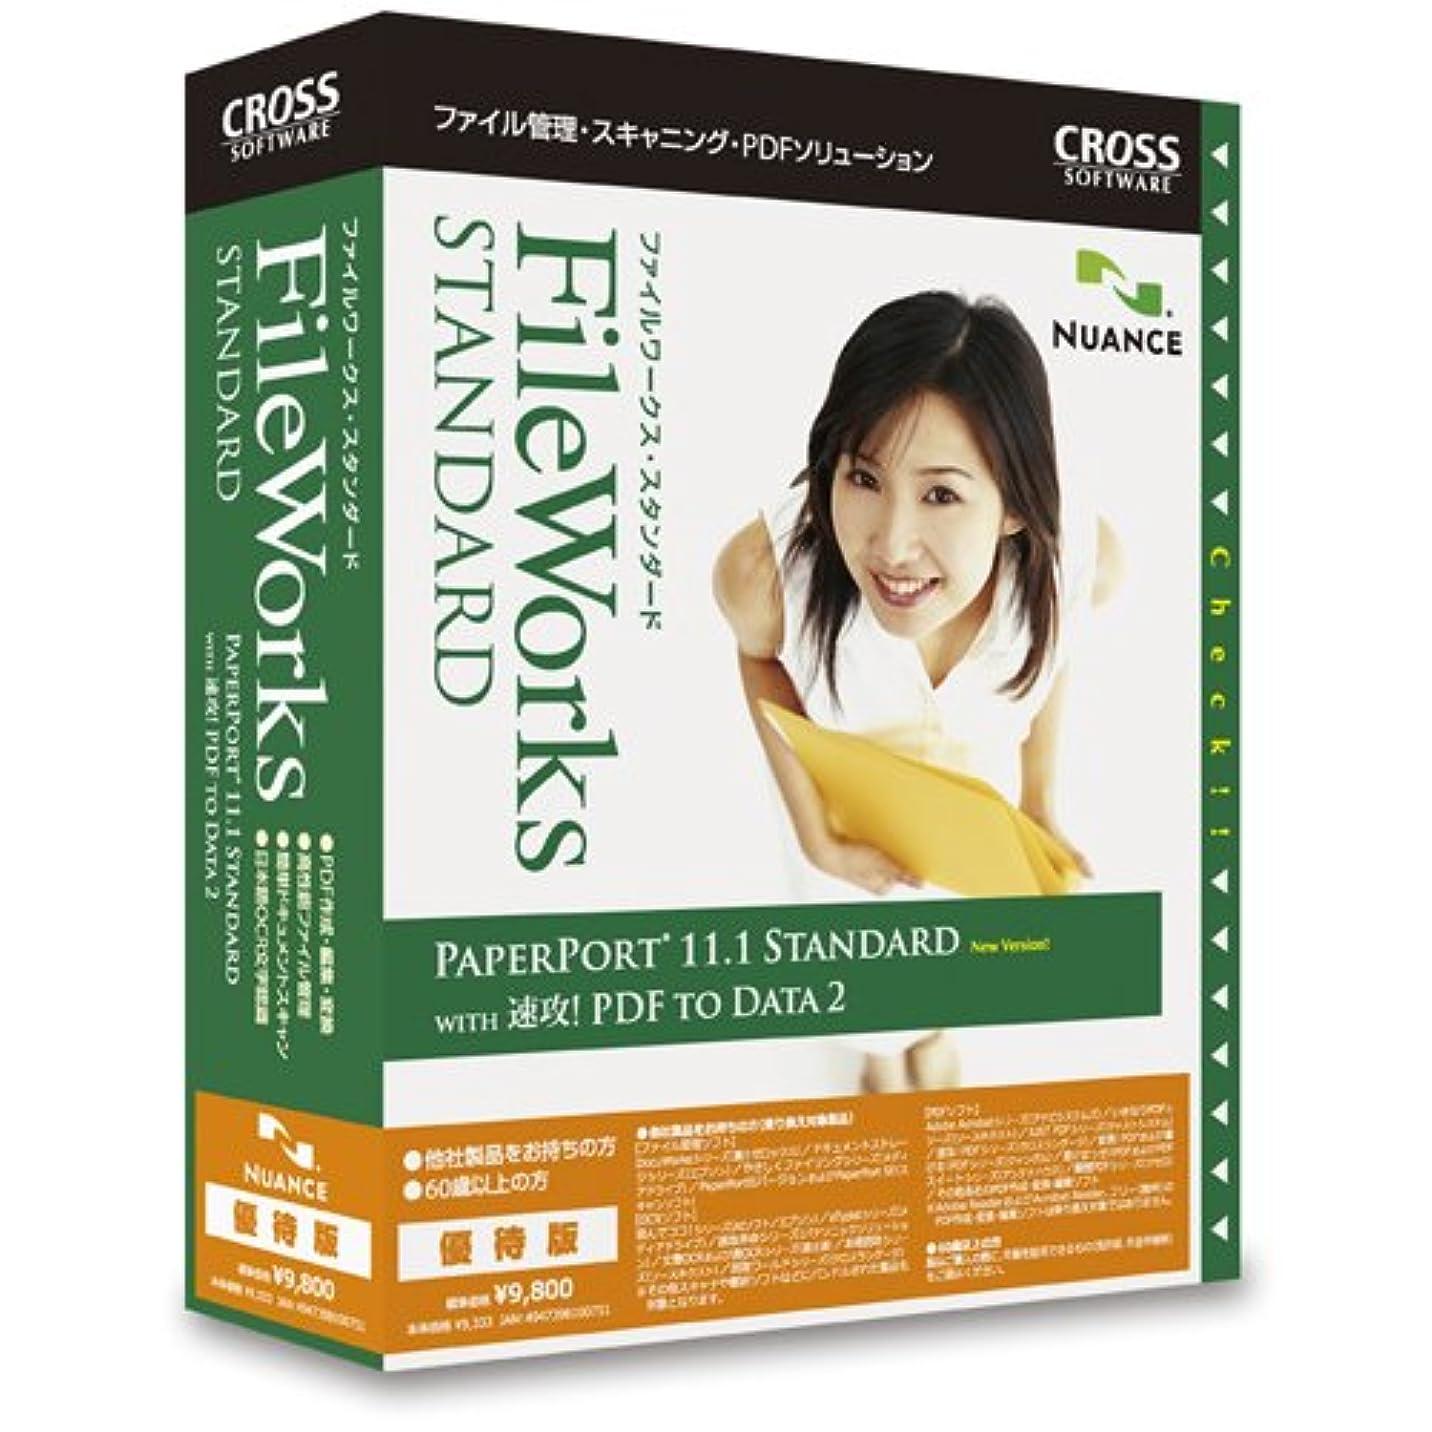 目覚める天窓アンタゴニストFileWorks Standard (PaperPort 11.1 Standard) 優待版